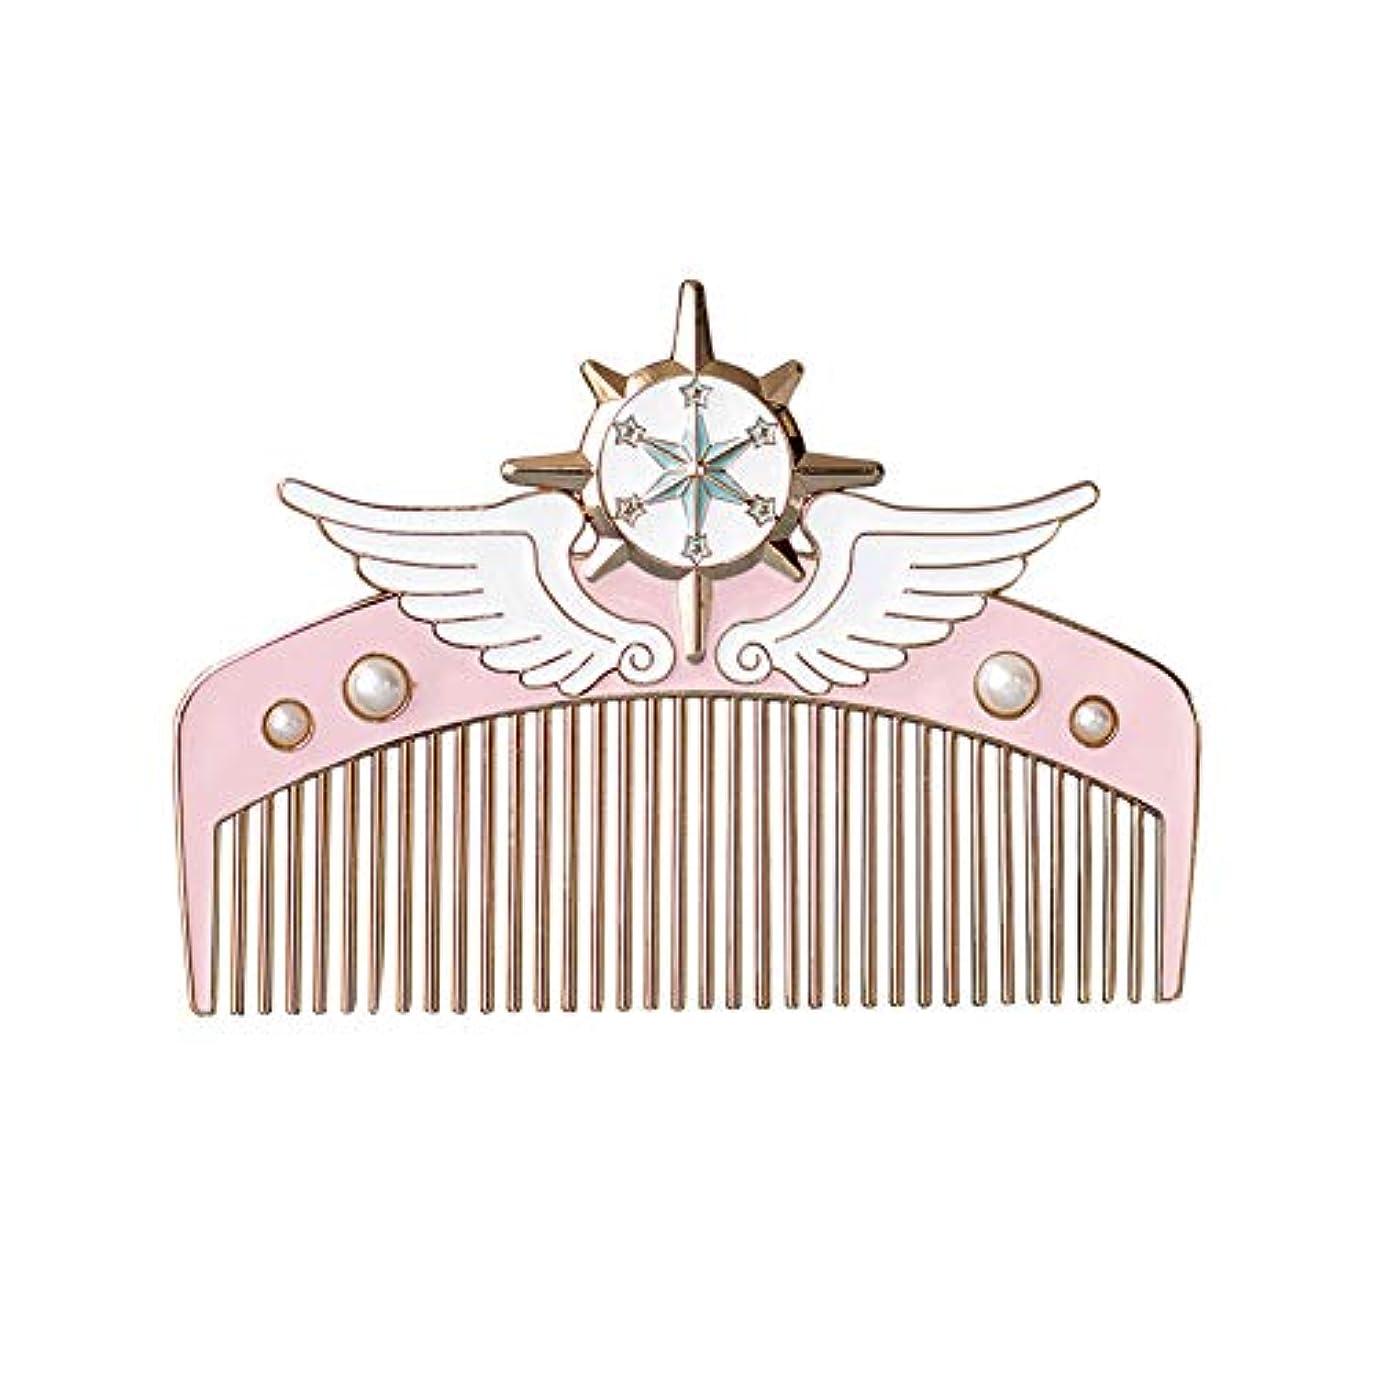 こどもの宮殿完全に乾く骨折ライフ小屋 櫛 ヘアブラシ カードキャプターさくら セーラームーン 可愛い ピンク 細歯 夢の杖櫛 半月形 ヘアブラシ 子供の髪 贈り物 プレゼント